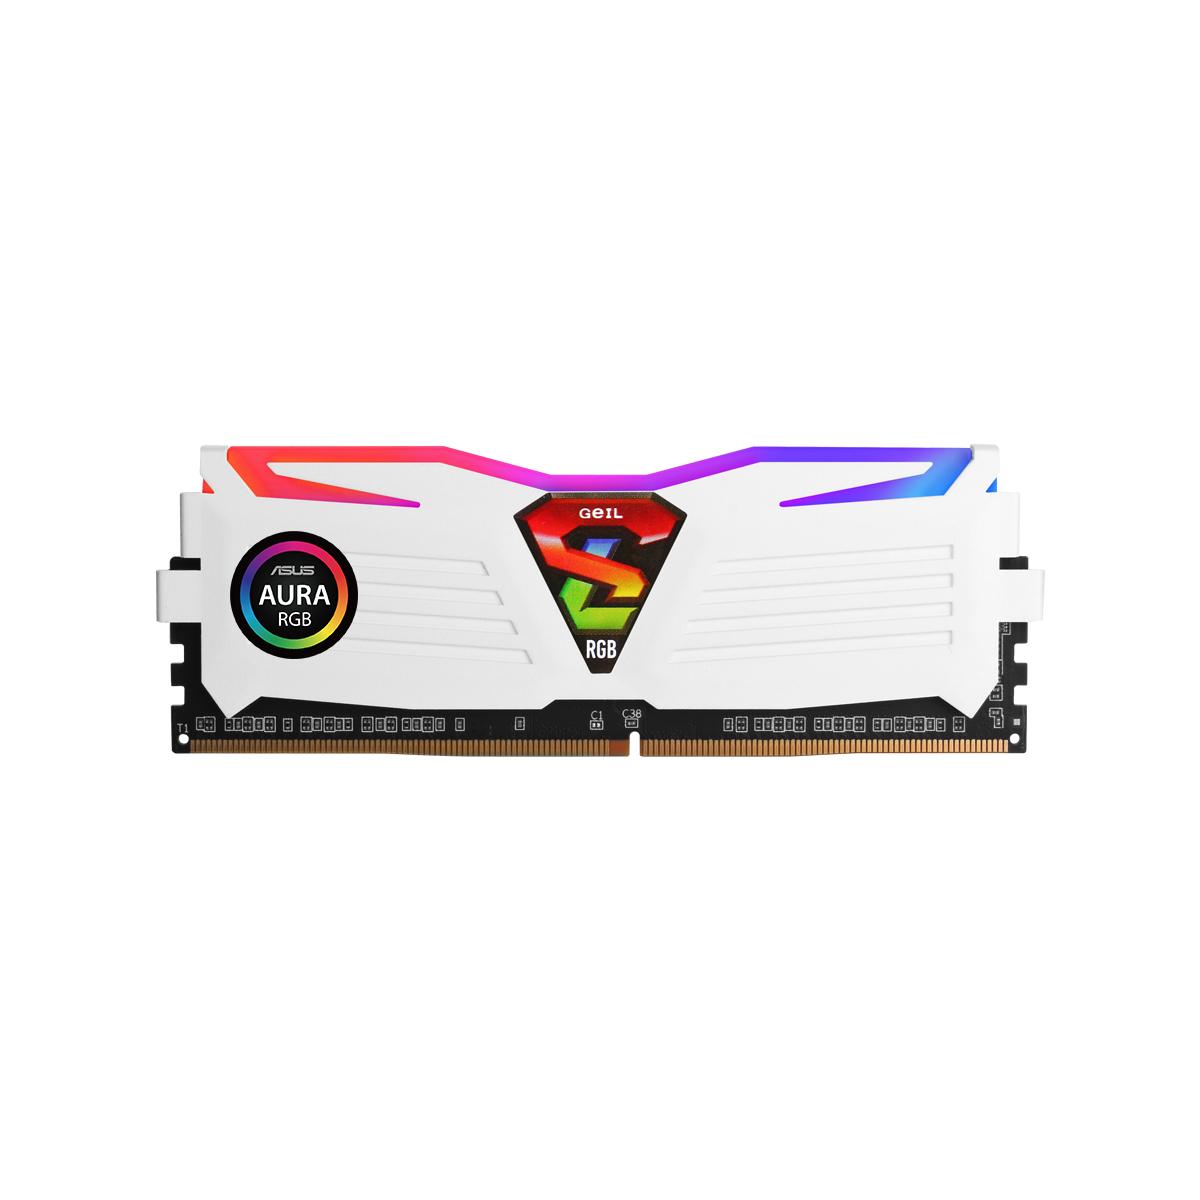 GeIL DDR4 8G PC4-25600 CL22 SUPER LUCE RGB Sync 화이트